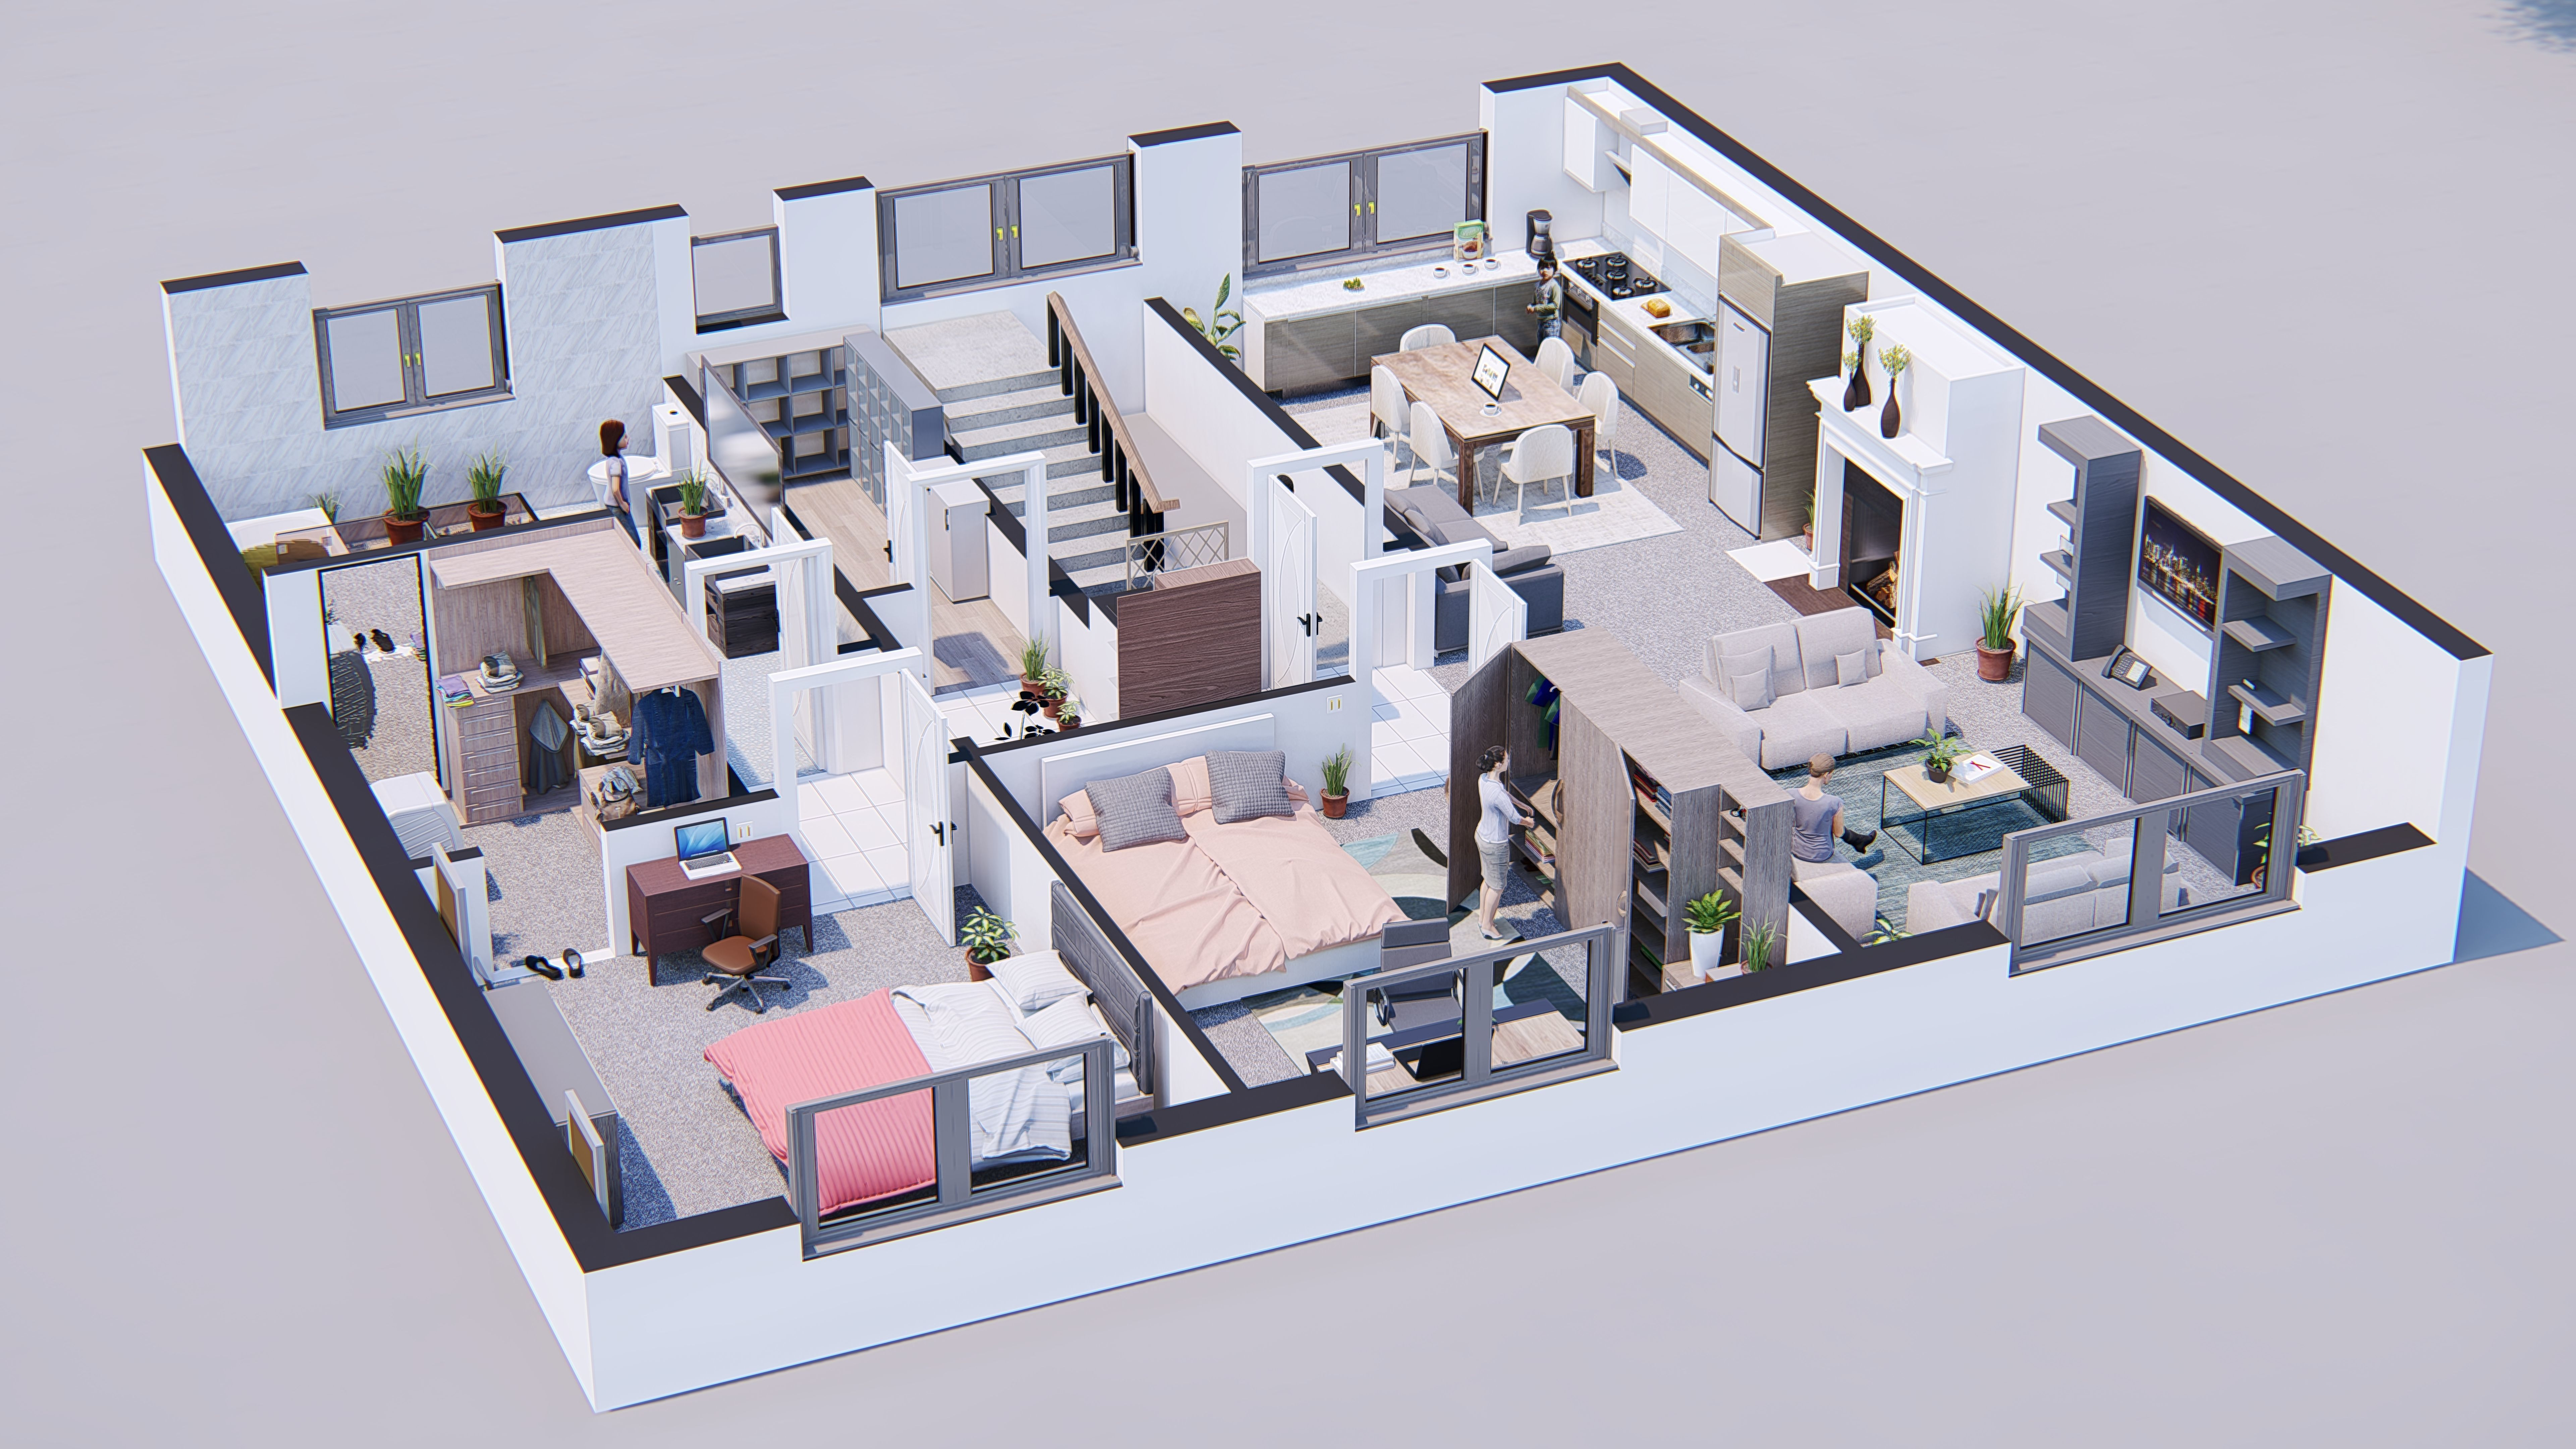 lumion 8 full scene model with setting | 3D model